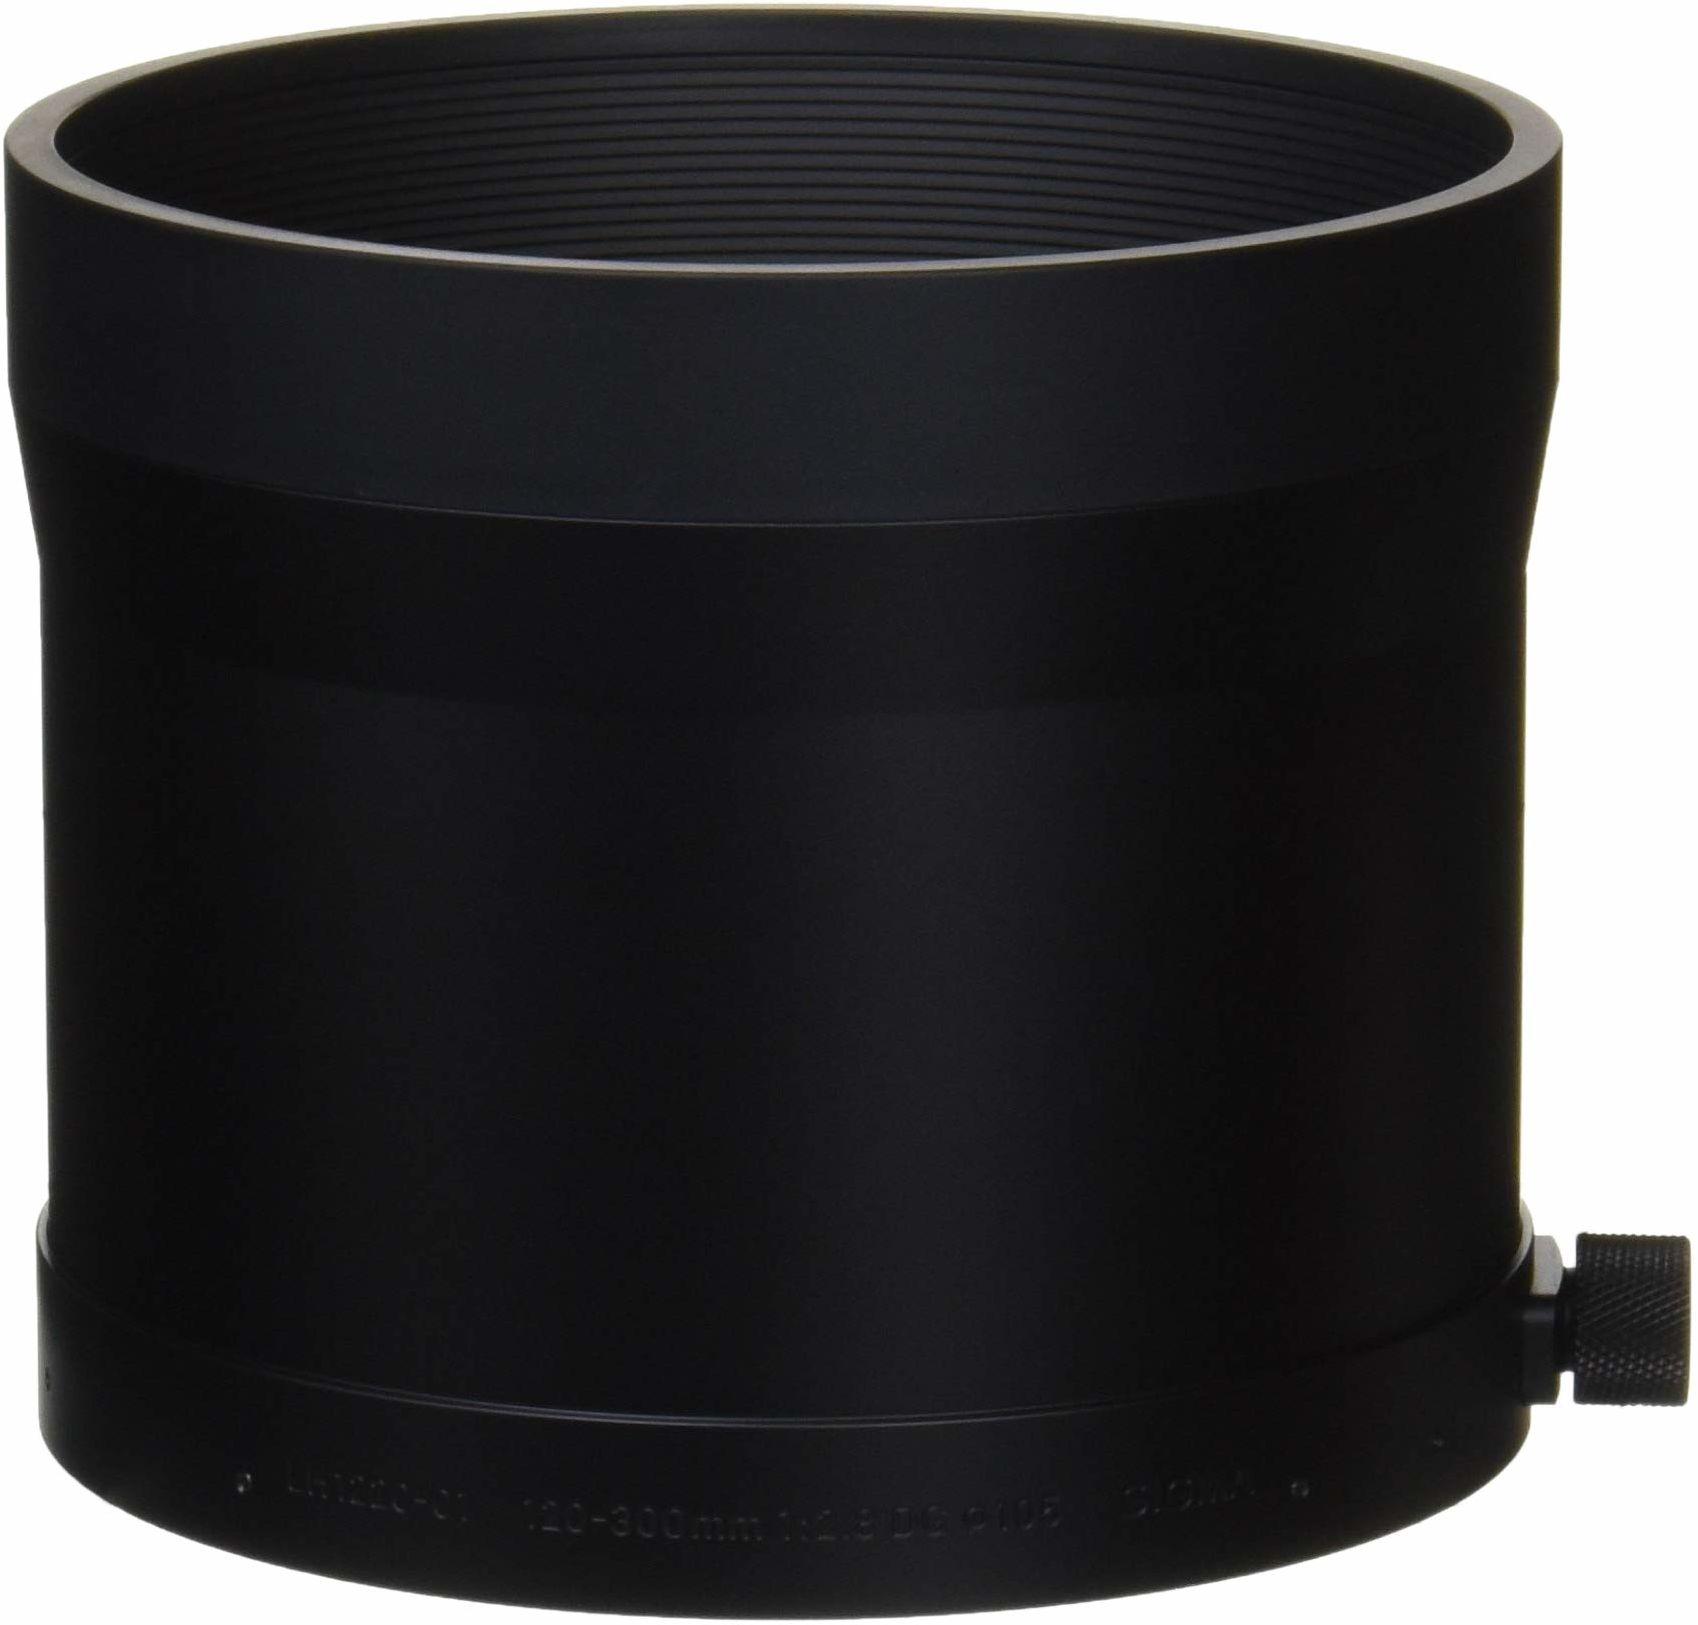 Sigma LH1220-01 osłona przeciwsłoneczna (120-300 mm) do OS Sport czarna